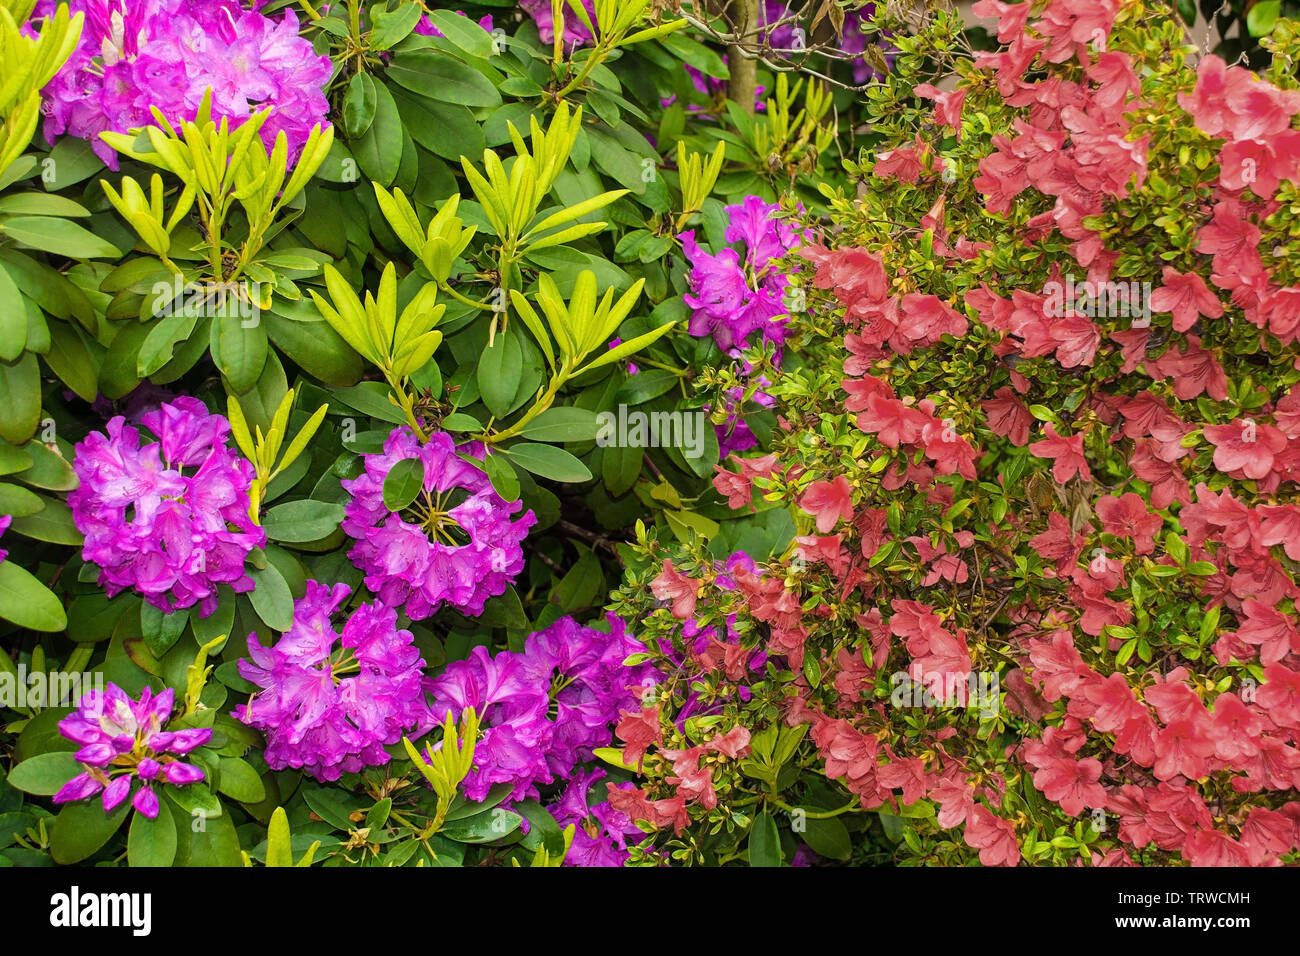 Rhododendron Mauve Et Rose Rouge Azalea Fleurs En Croissance